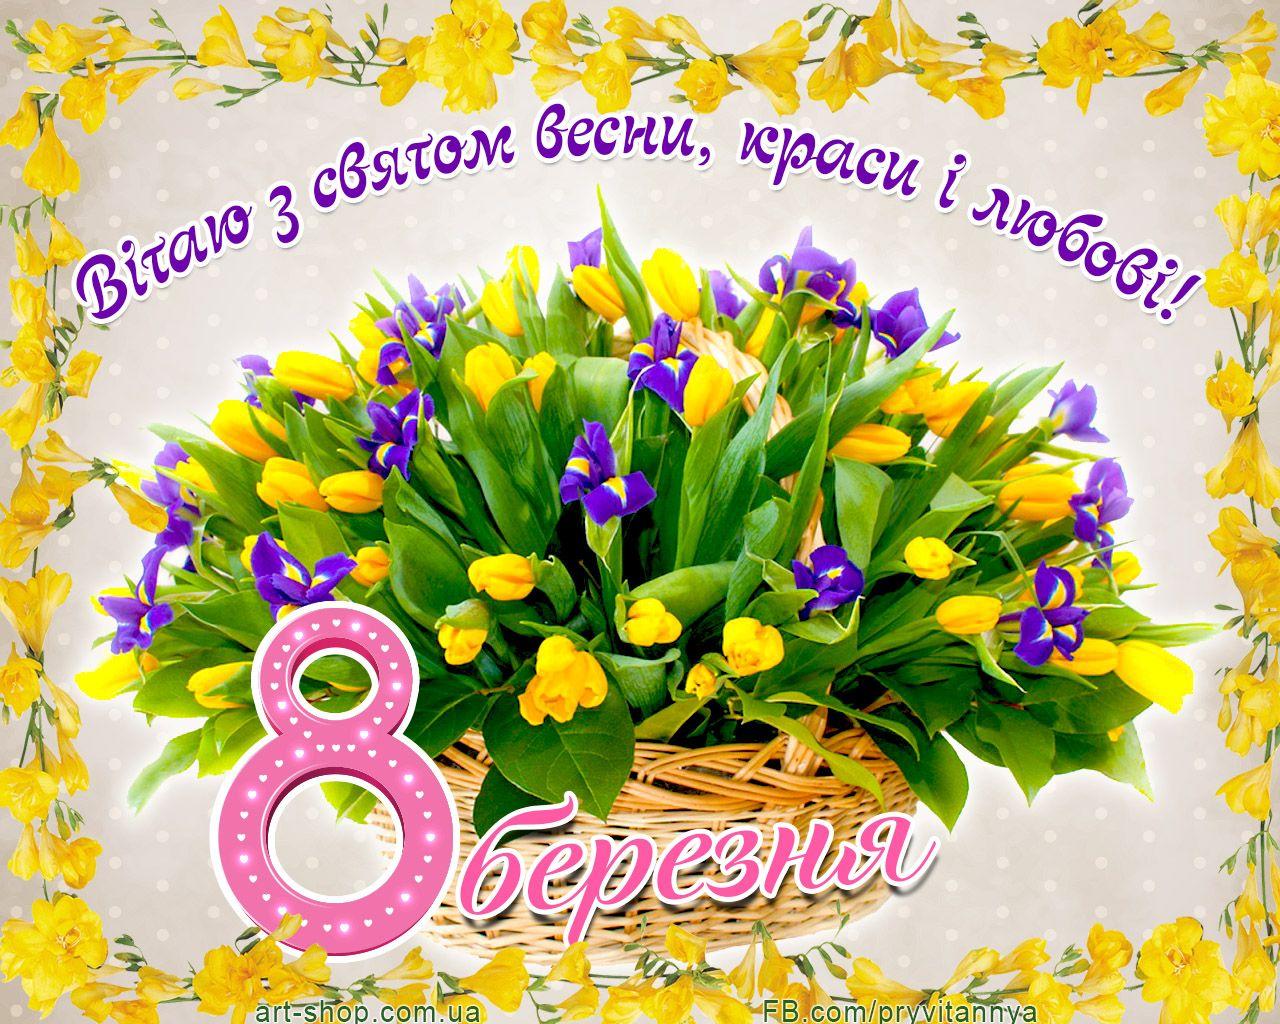 Красиві листівки з 8 Березня. Картинки для привітання на Жіночий день. | Birthday wishes, Art shop, Greetings